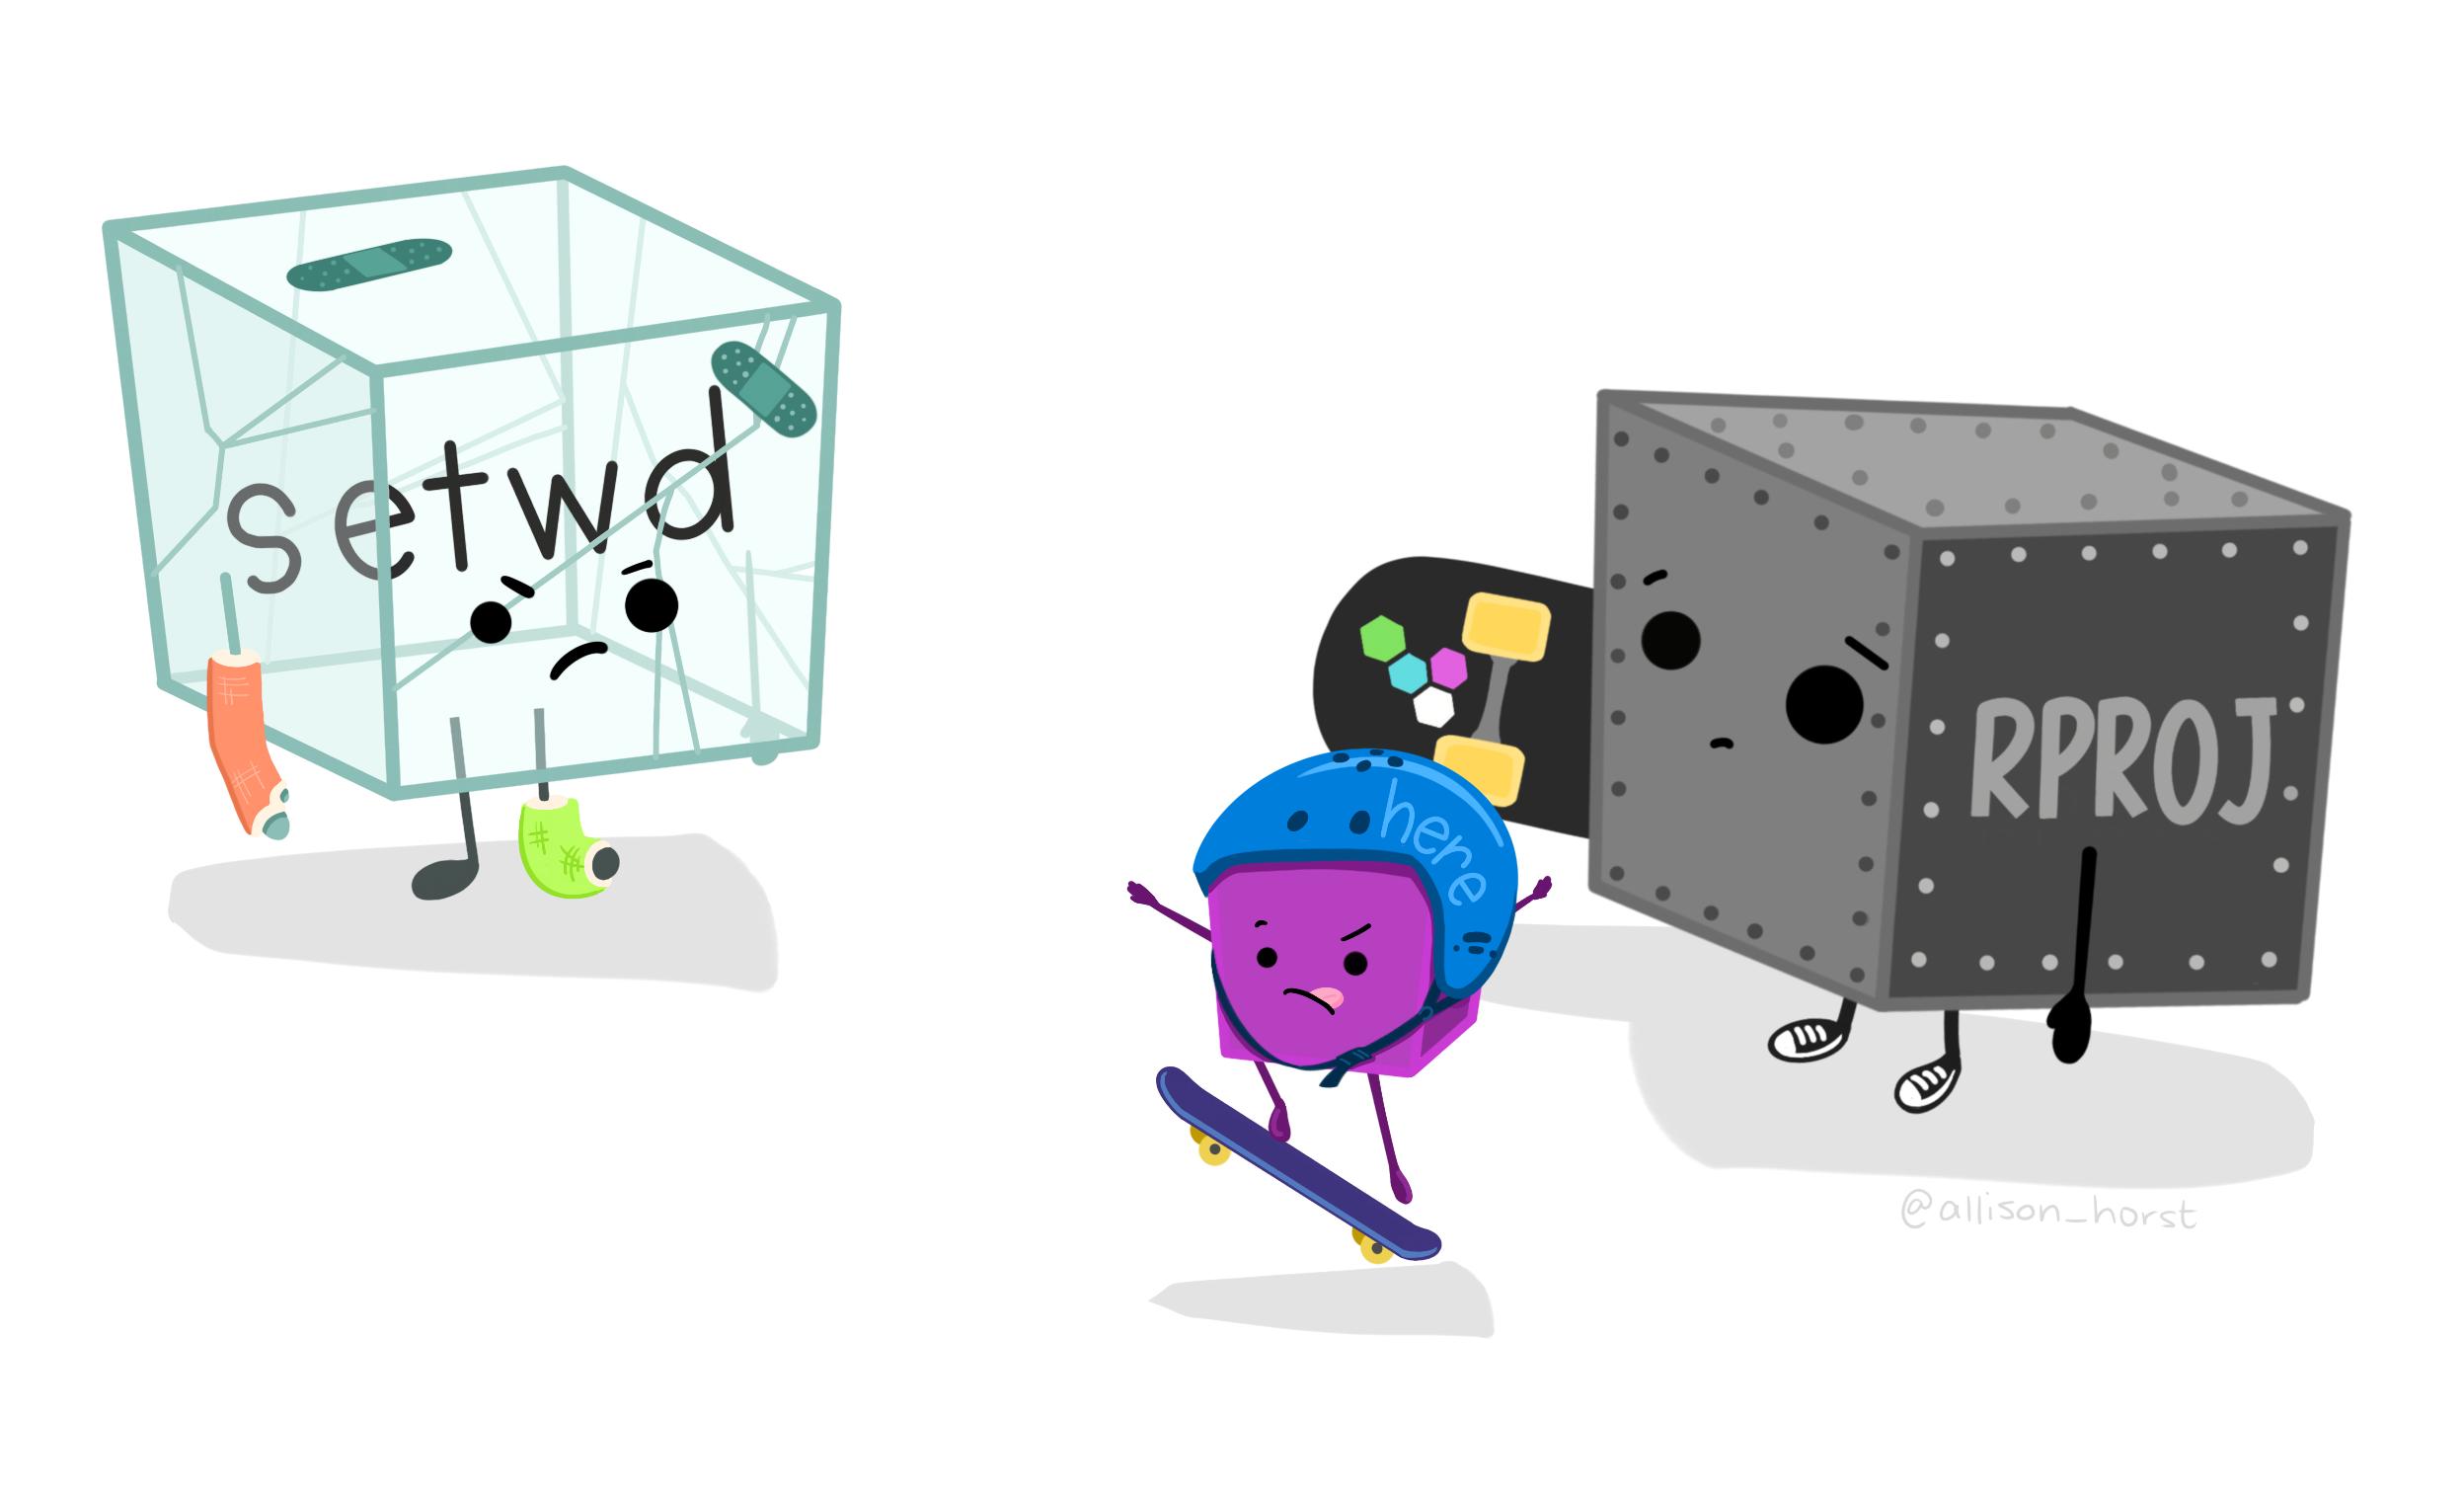 Ilustração sobre projetos no RStudio, por <a href='https://github.com/allisonhorst/stats-illustrations'>Allison Horst</a>